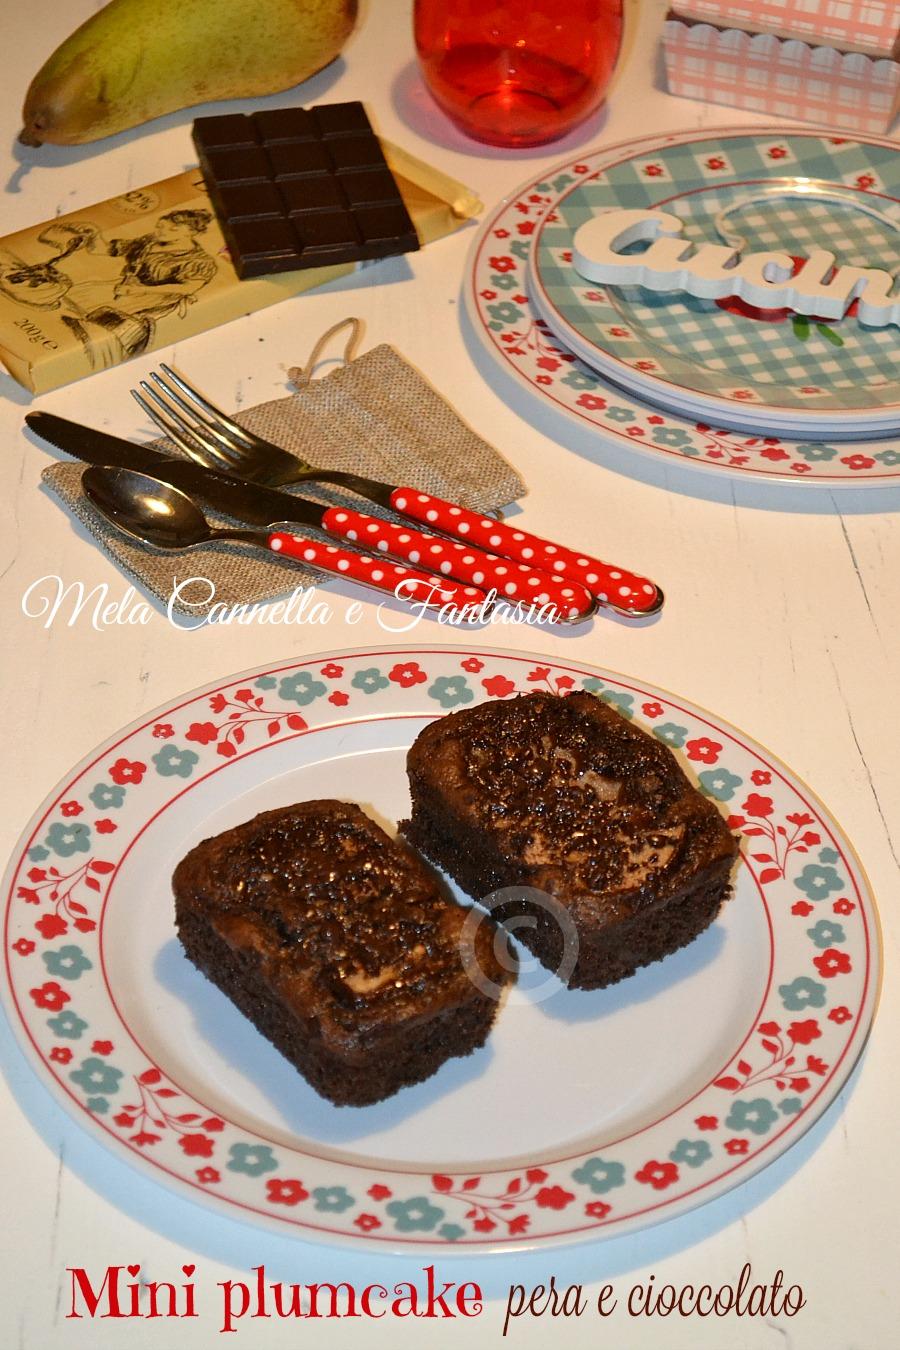 plumcake pera e cioccolato